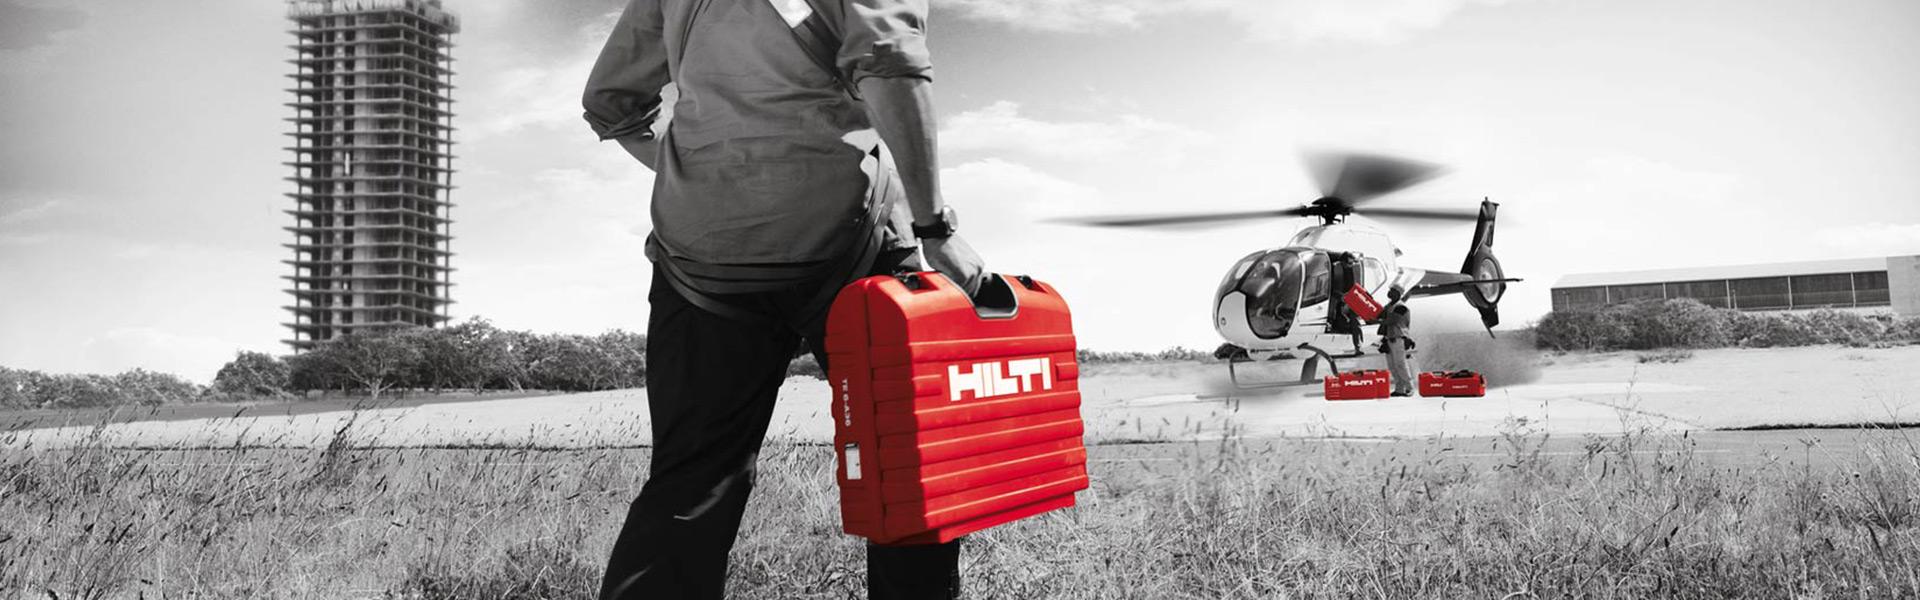 hilti-6